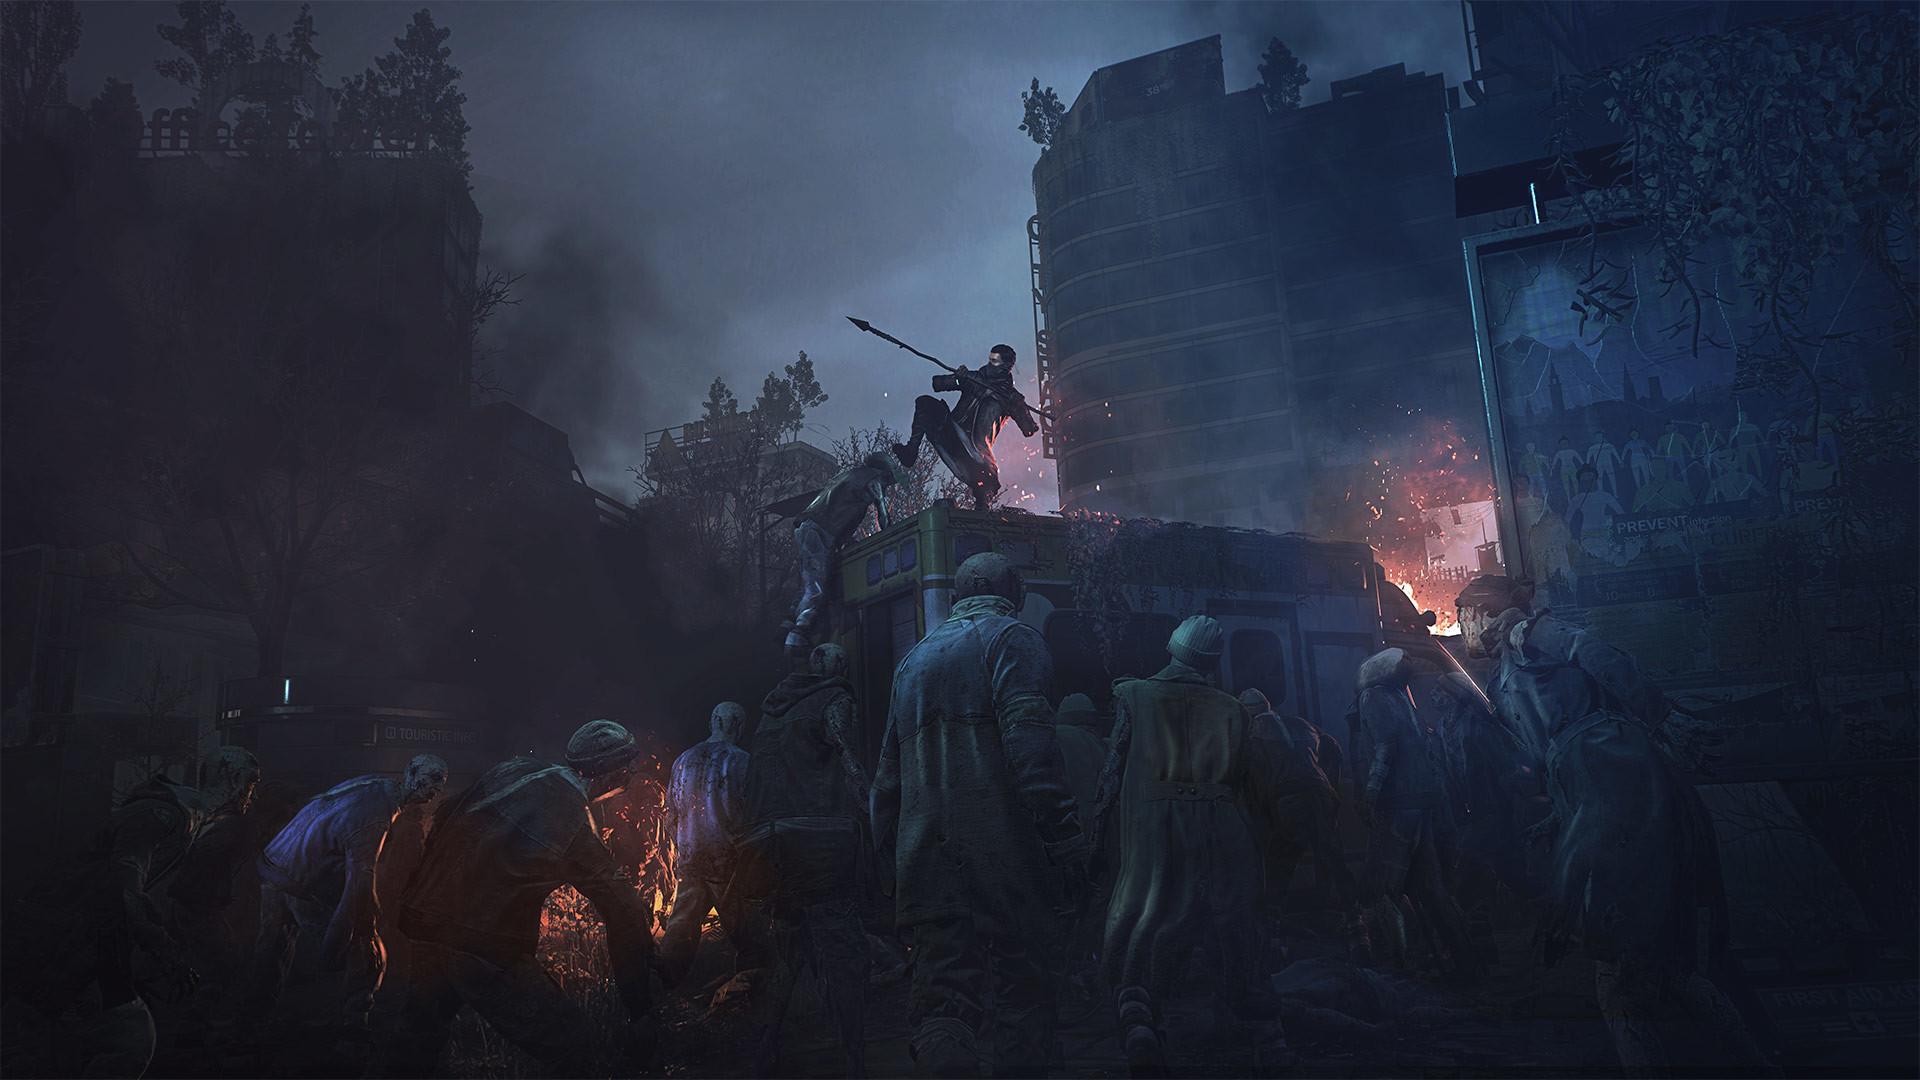 قابلیت کراس پلی در بازی Dying Light 2